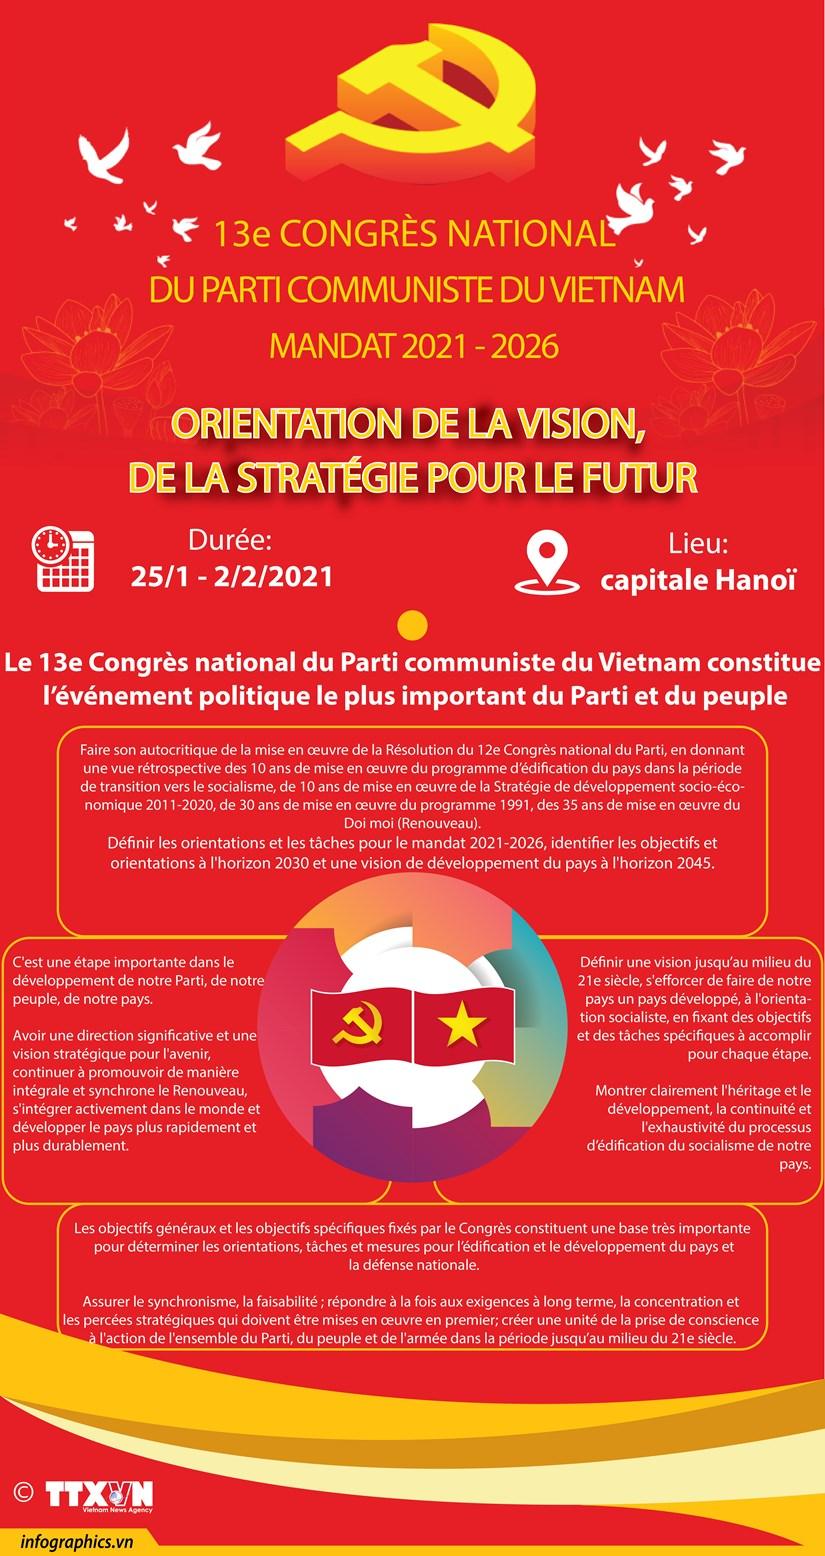 Le 13e Congres national du Parti communiste du Vietnam mandat 2021 – 2026 hinh anh 1